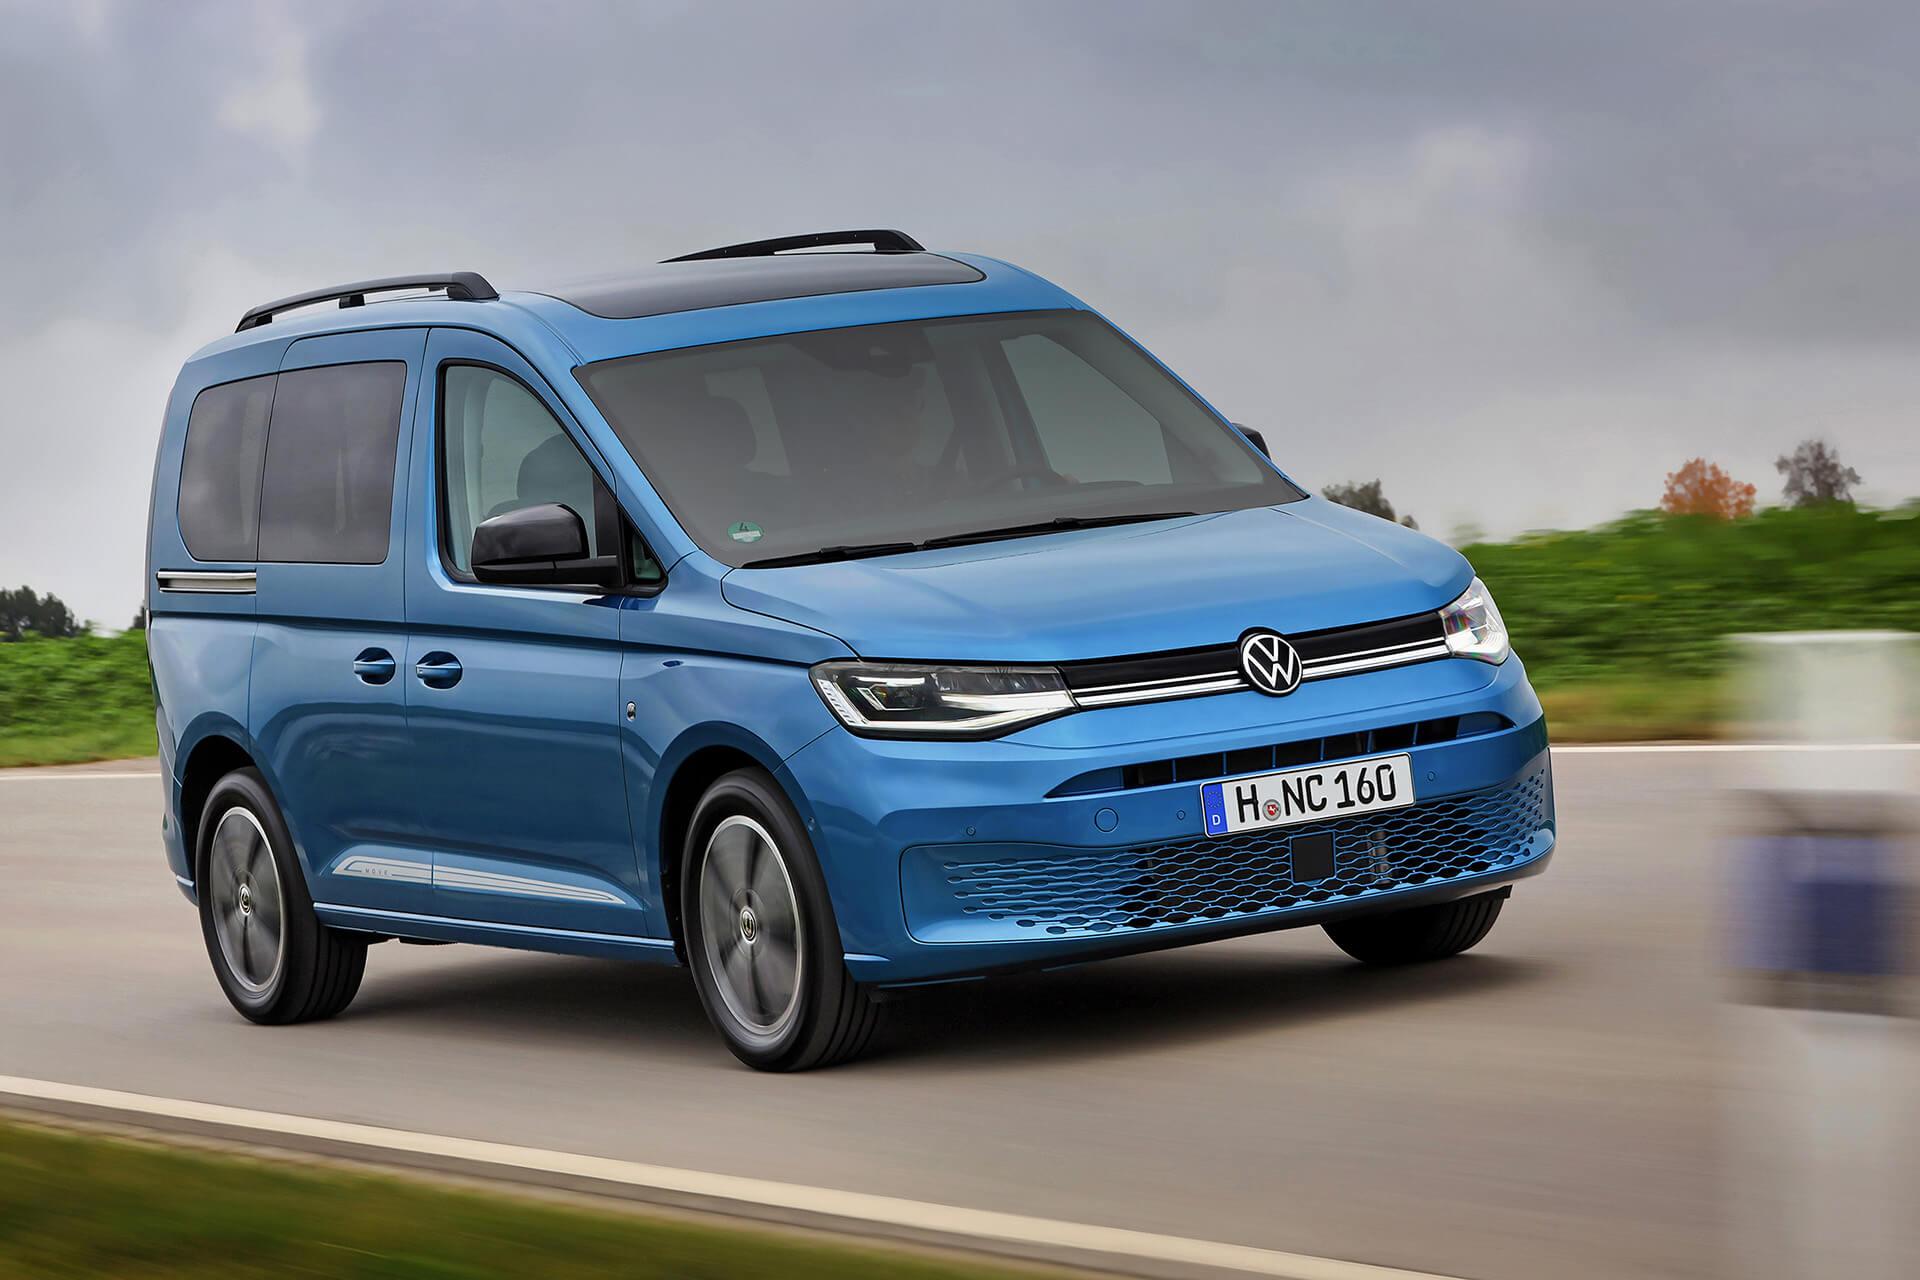 Νέο Volkswagen Caddy - Διαμόρφωση ως people-mover